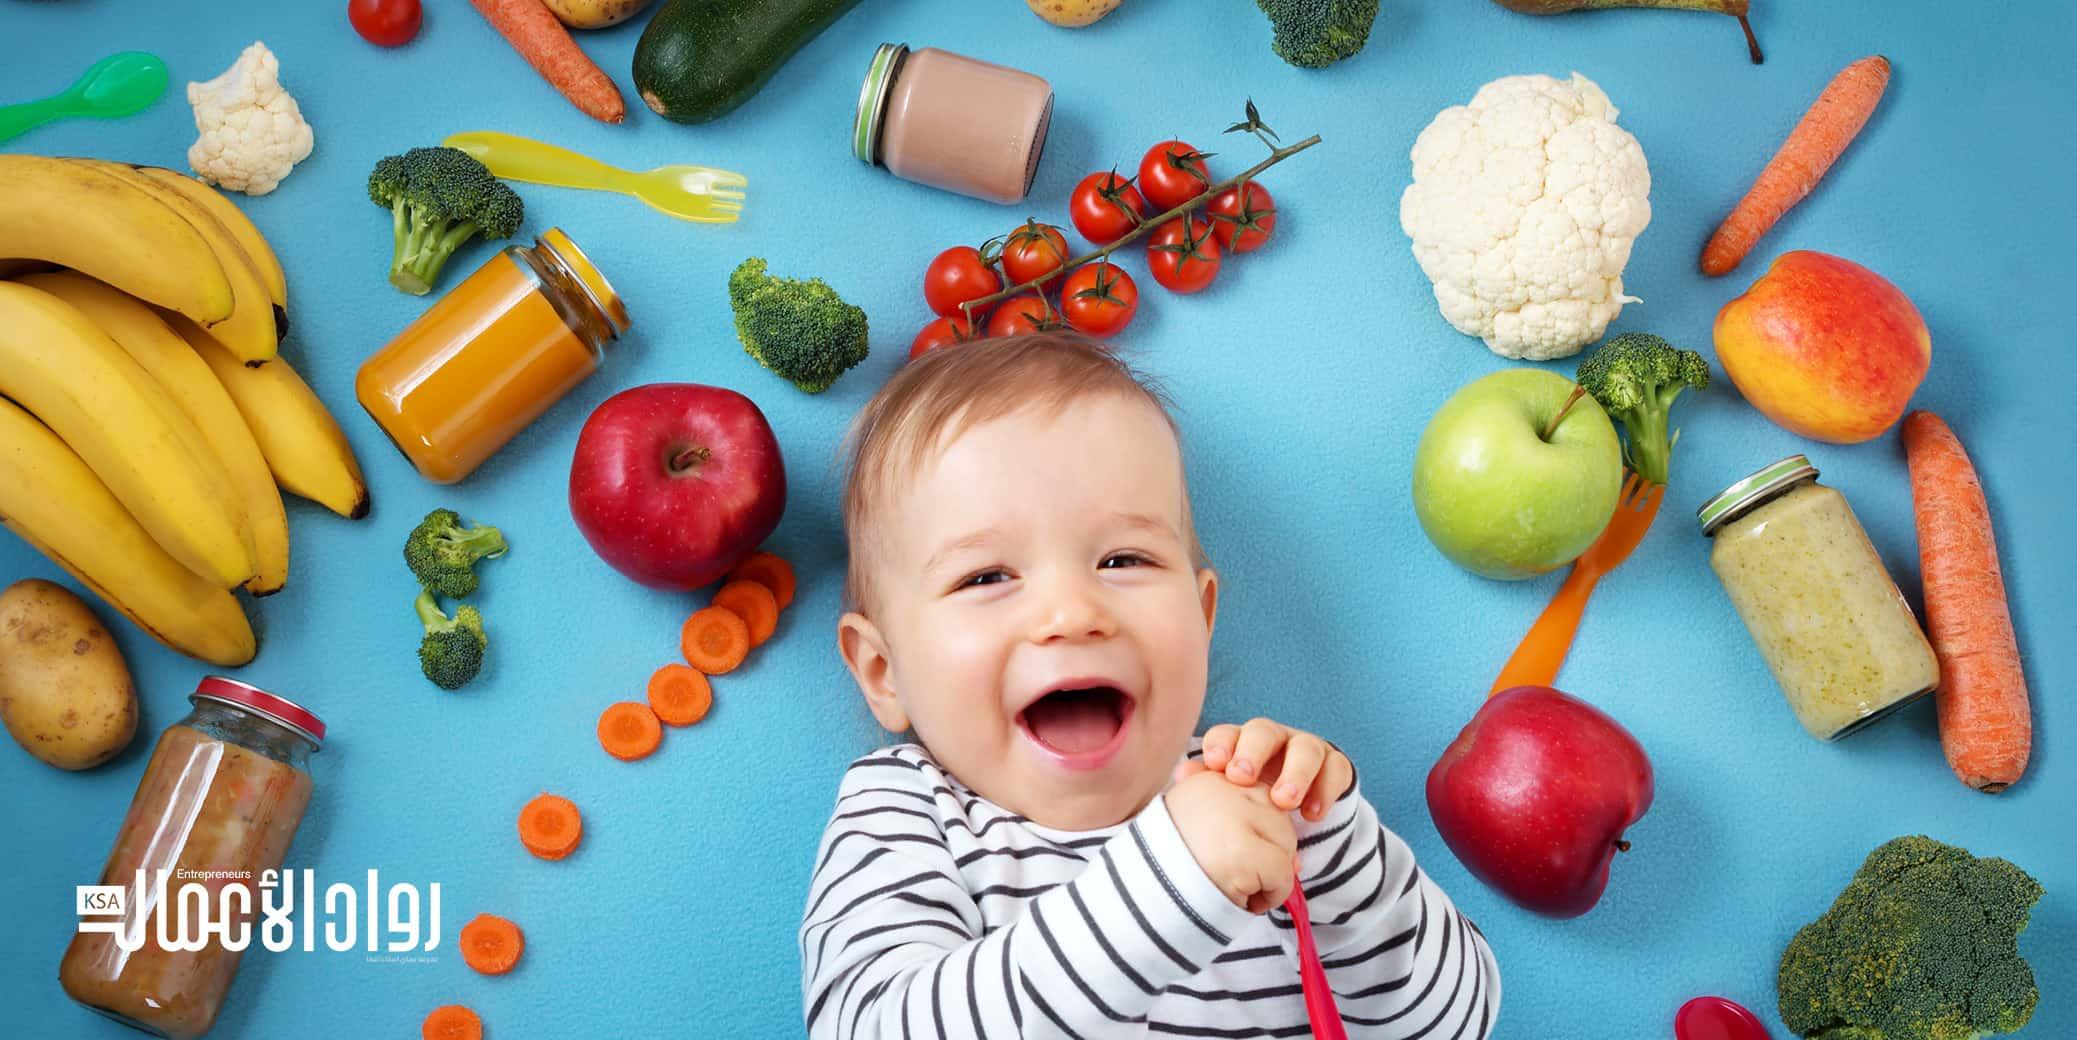 مميزات مشروع طعام الأطفال